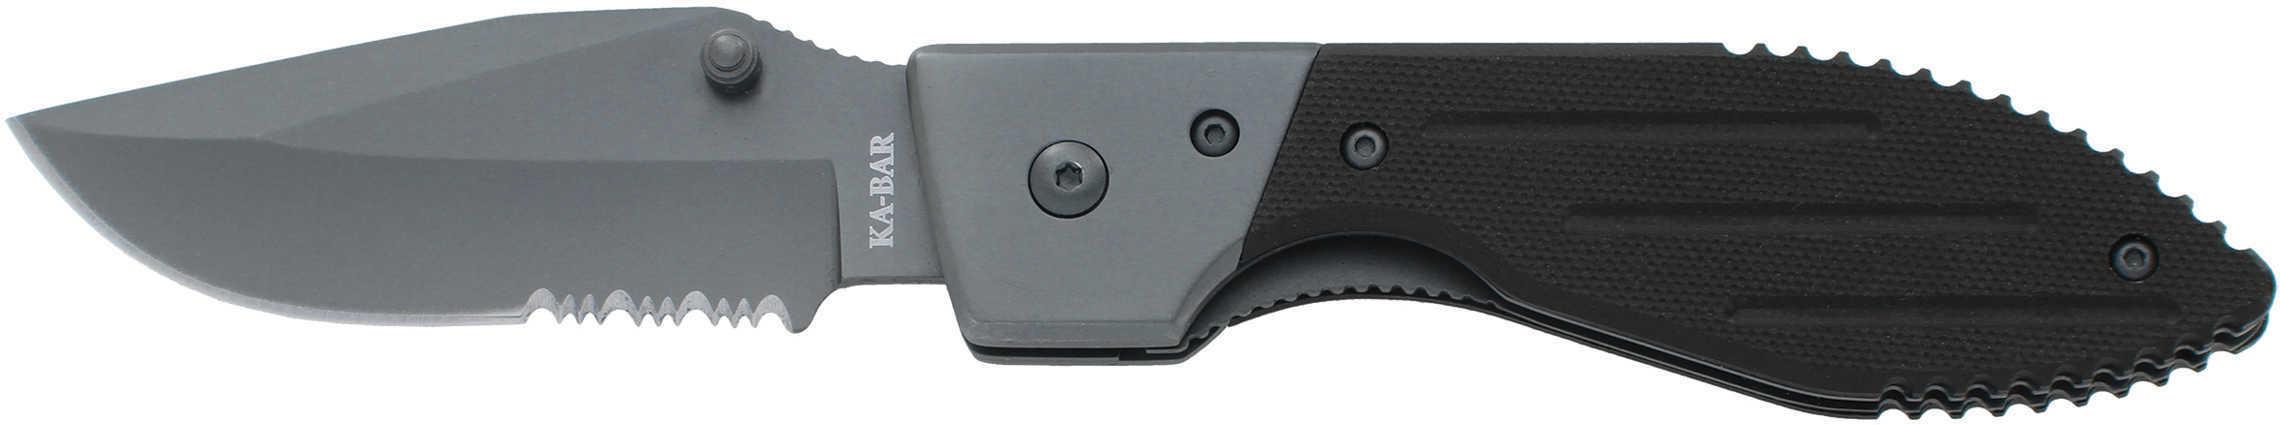 Ka-Bar Warthog Folder II, Serrated Edge 2-3073-8